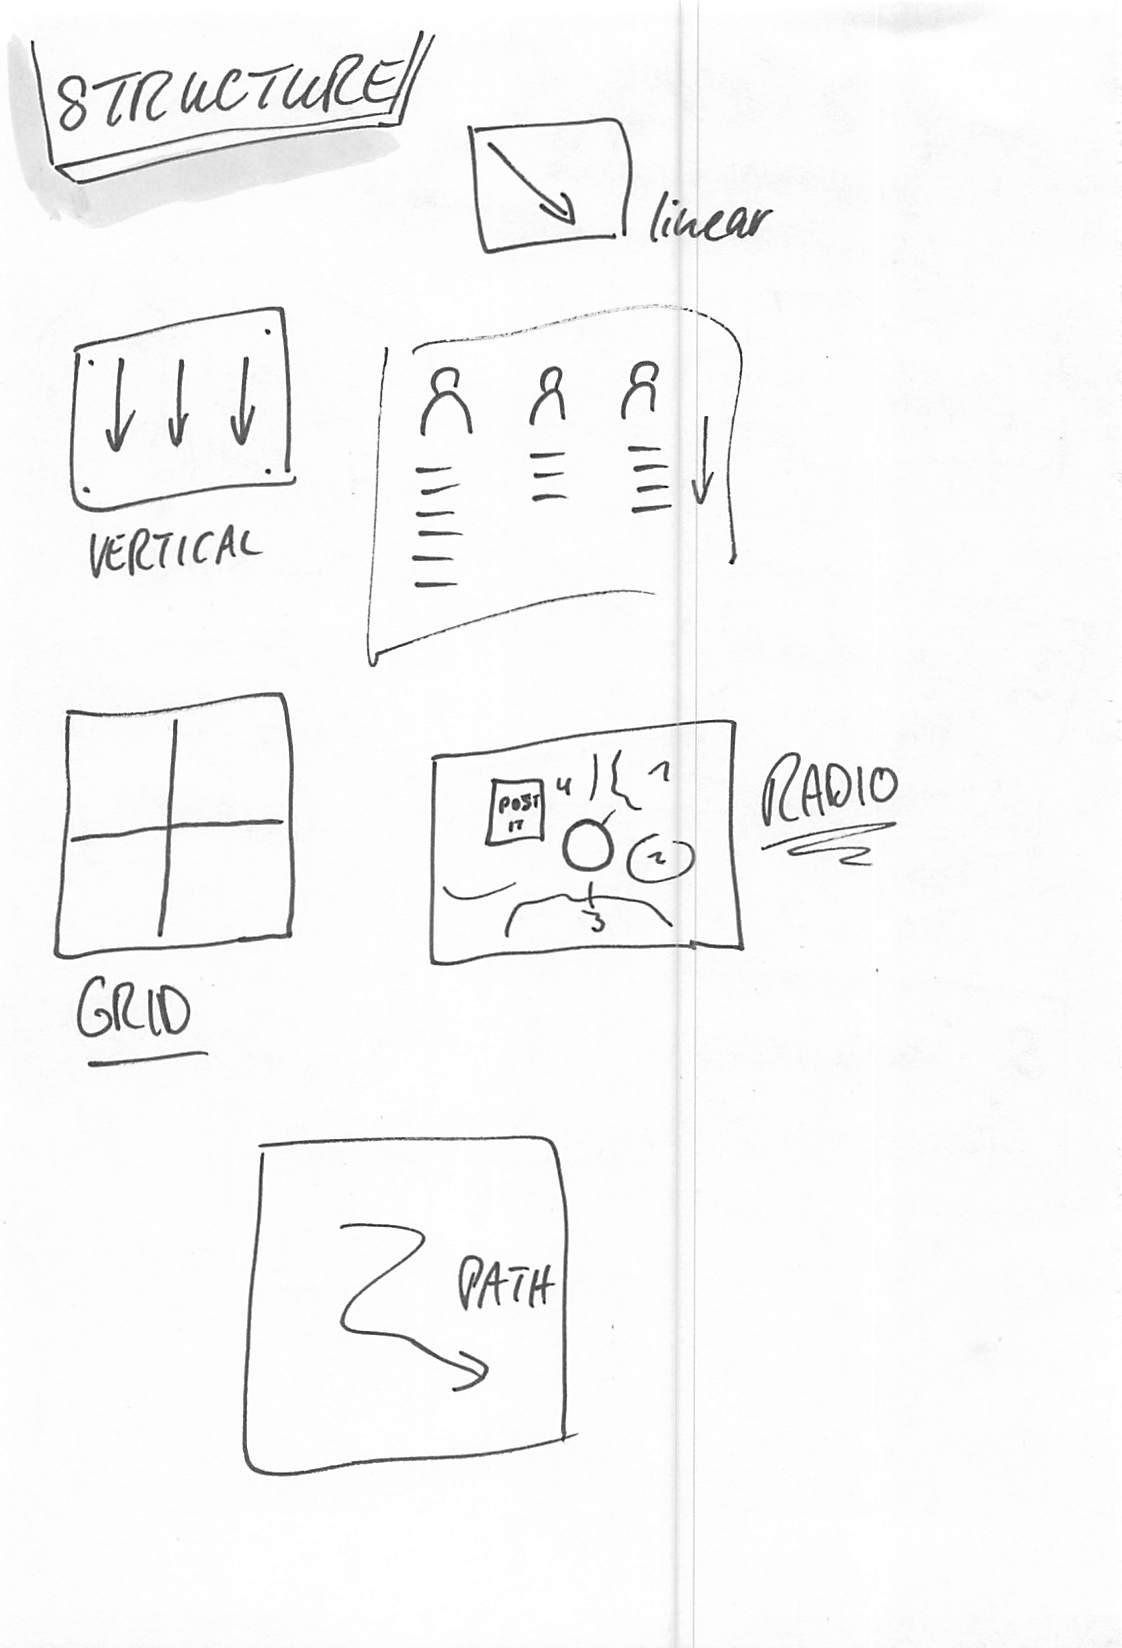 Visualisierung: Struktur